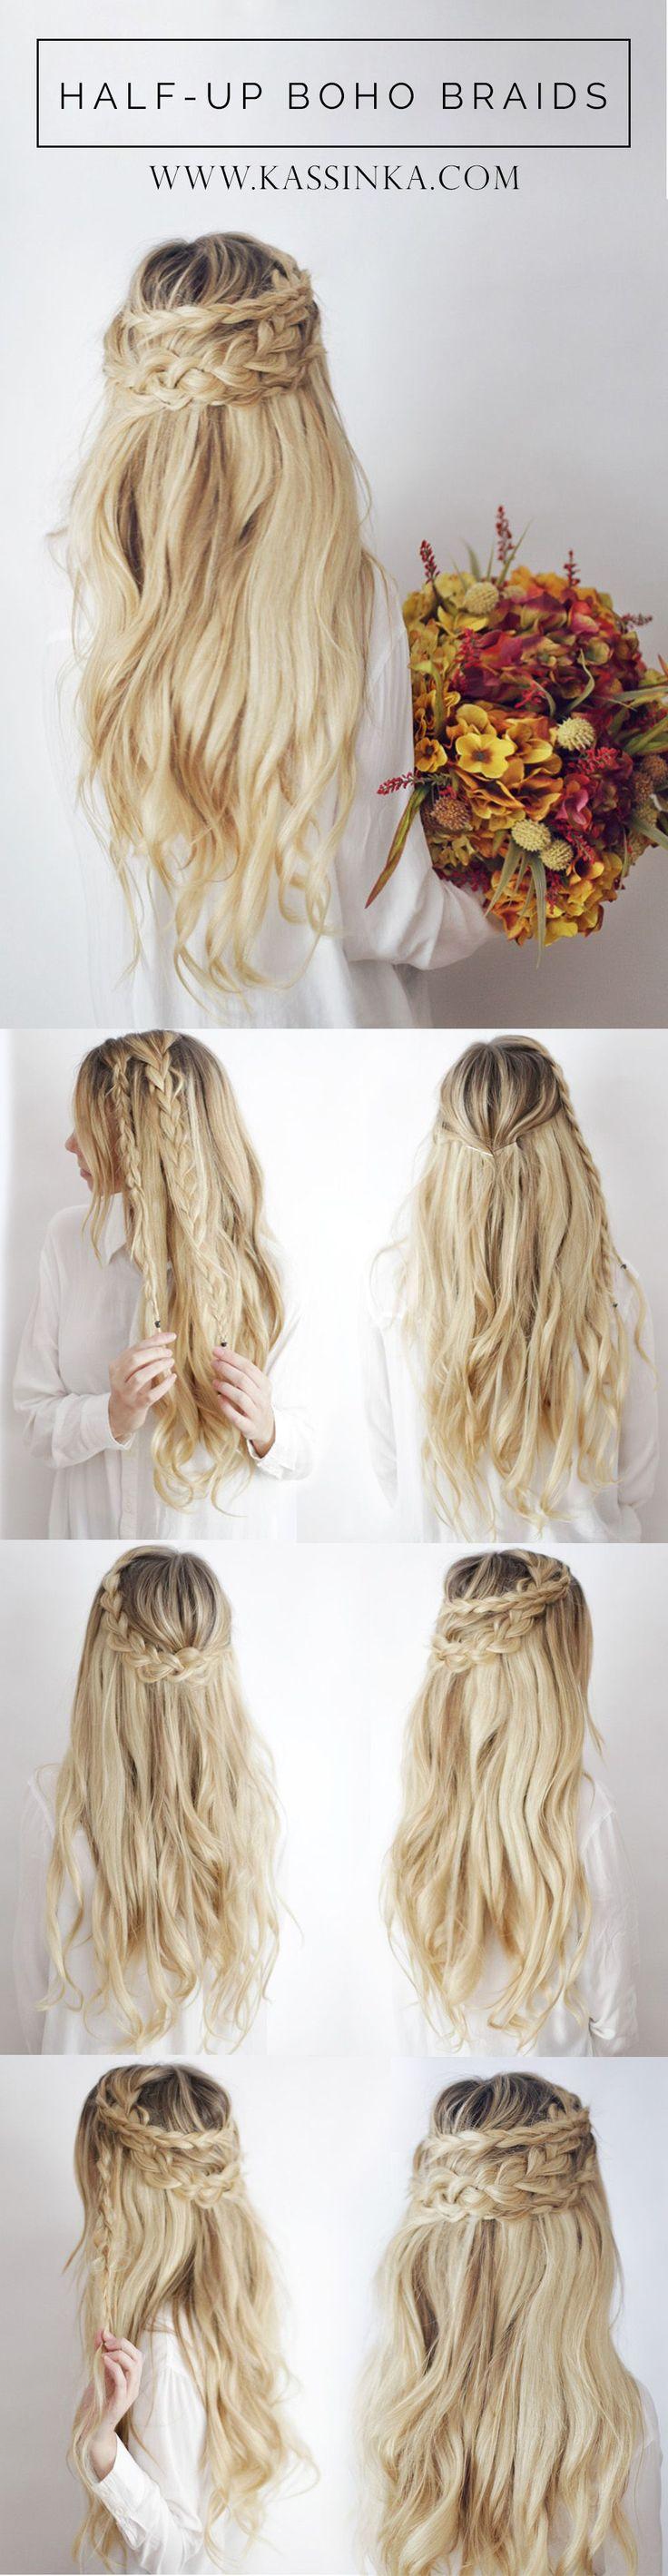 half-up boho braids bridal hair More